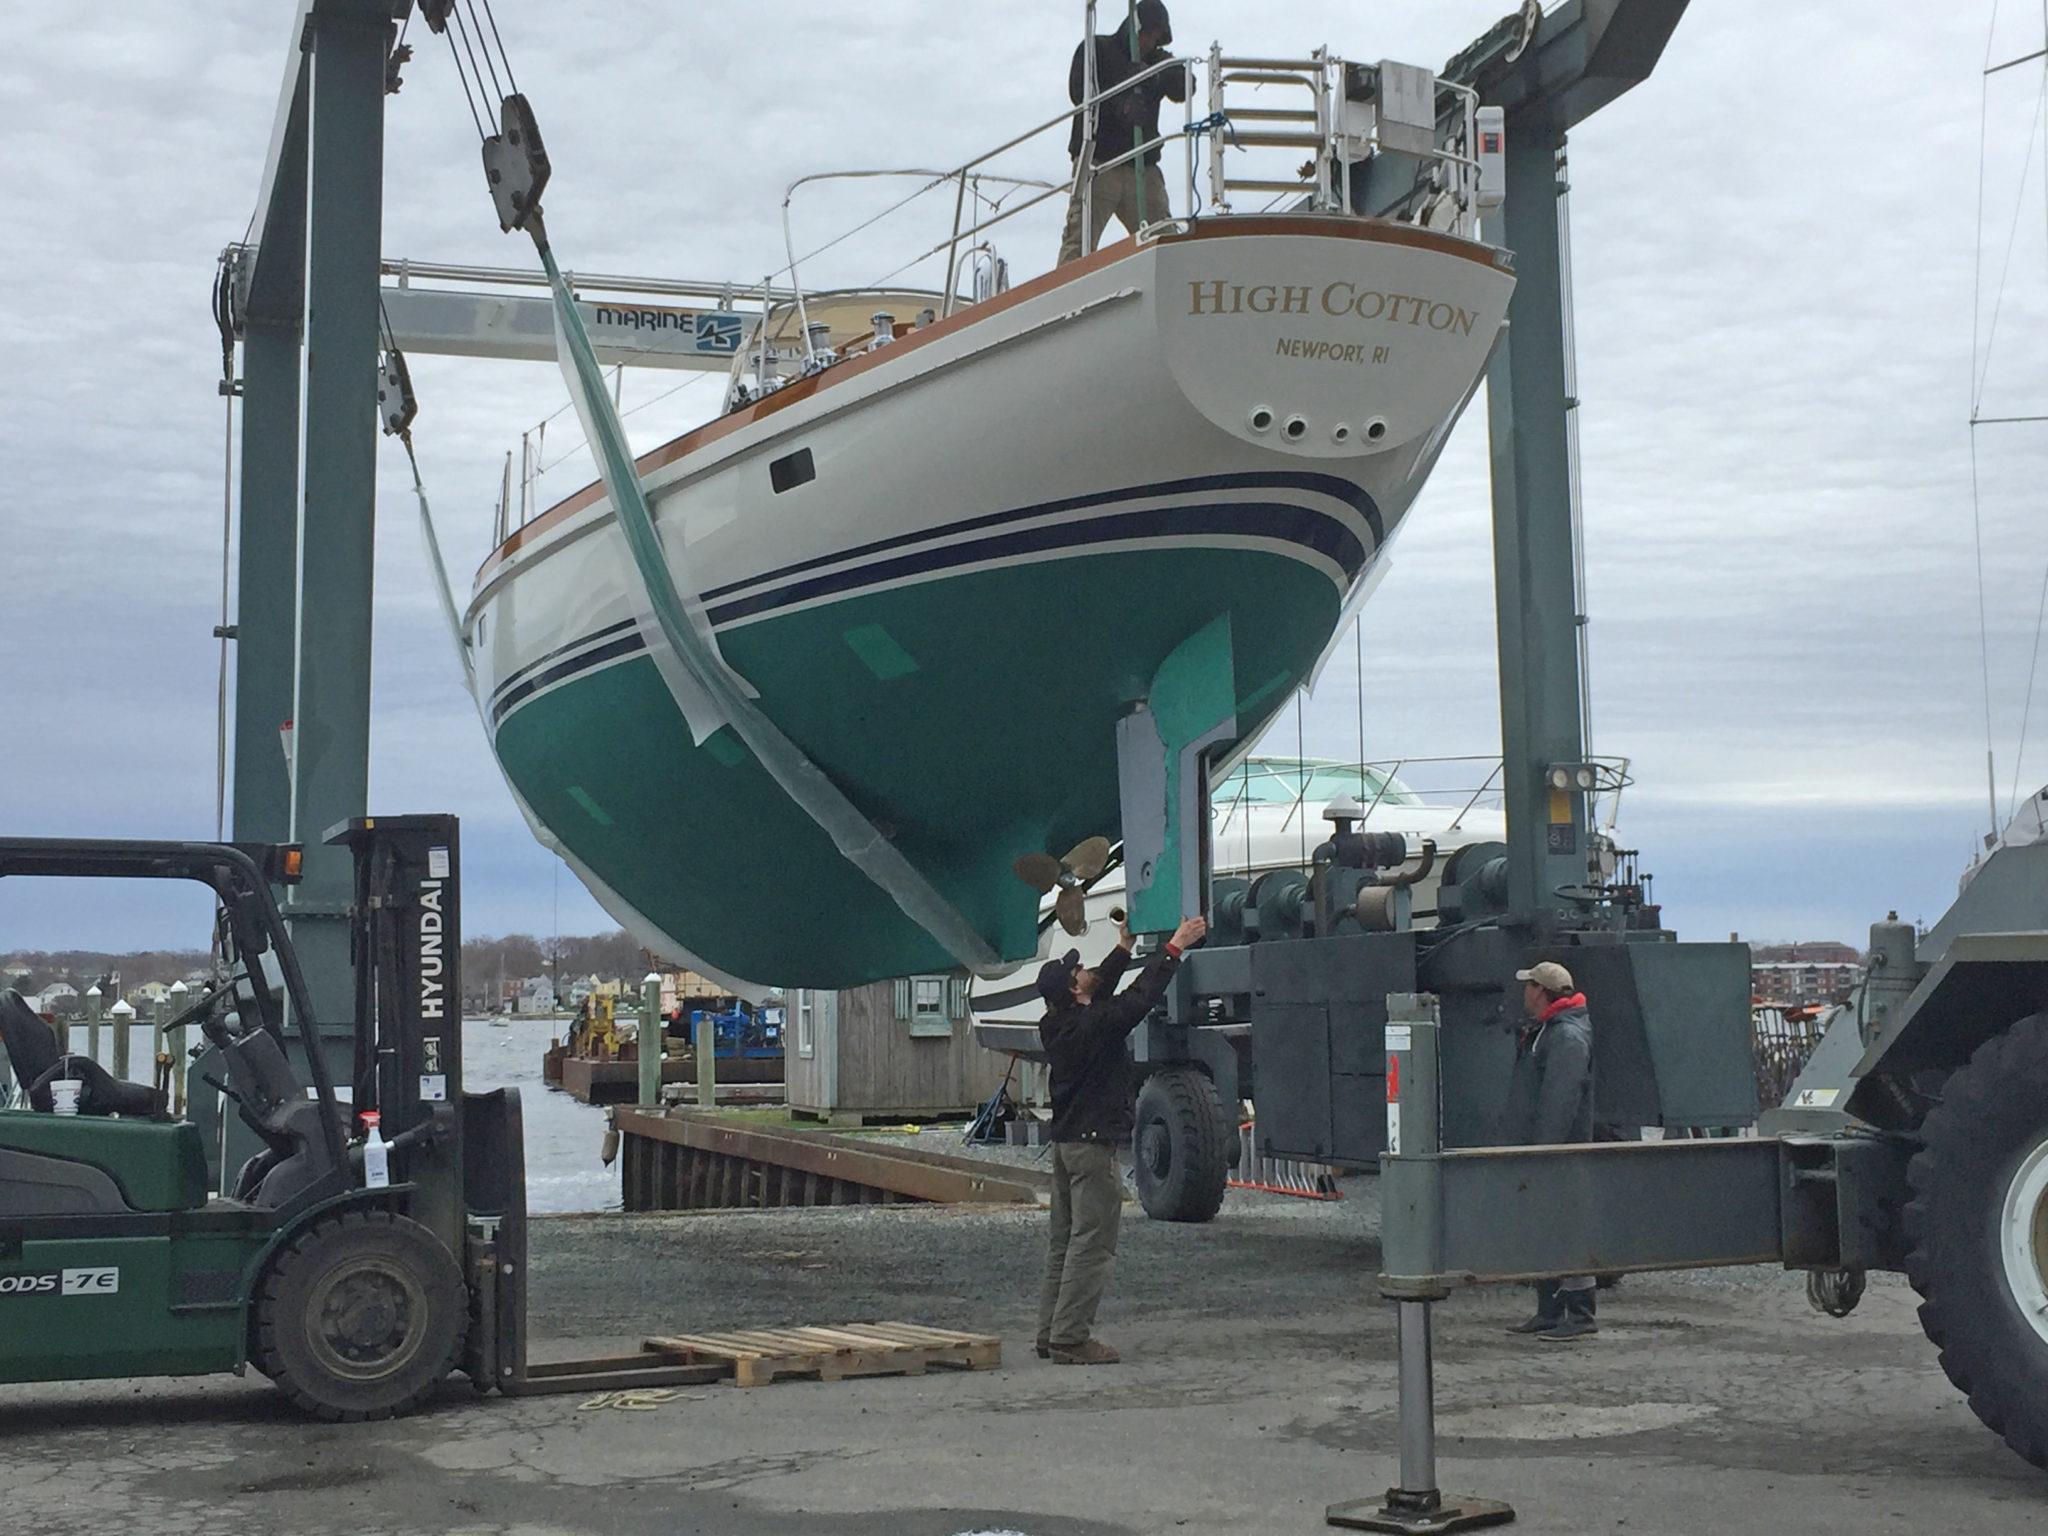 Rudder Repair - Bristol Marine